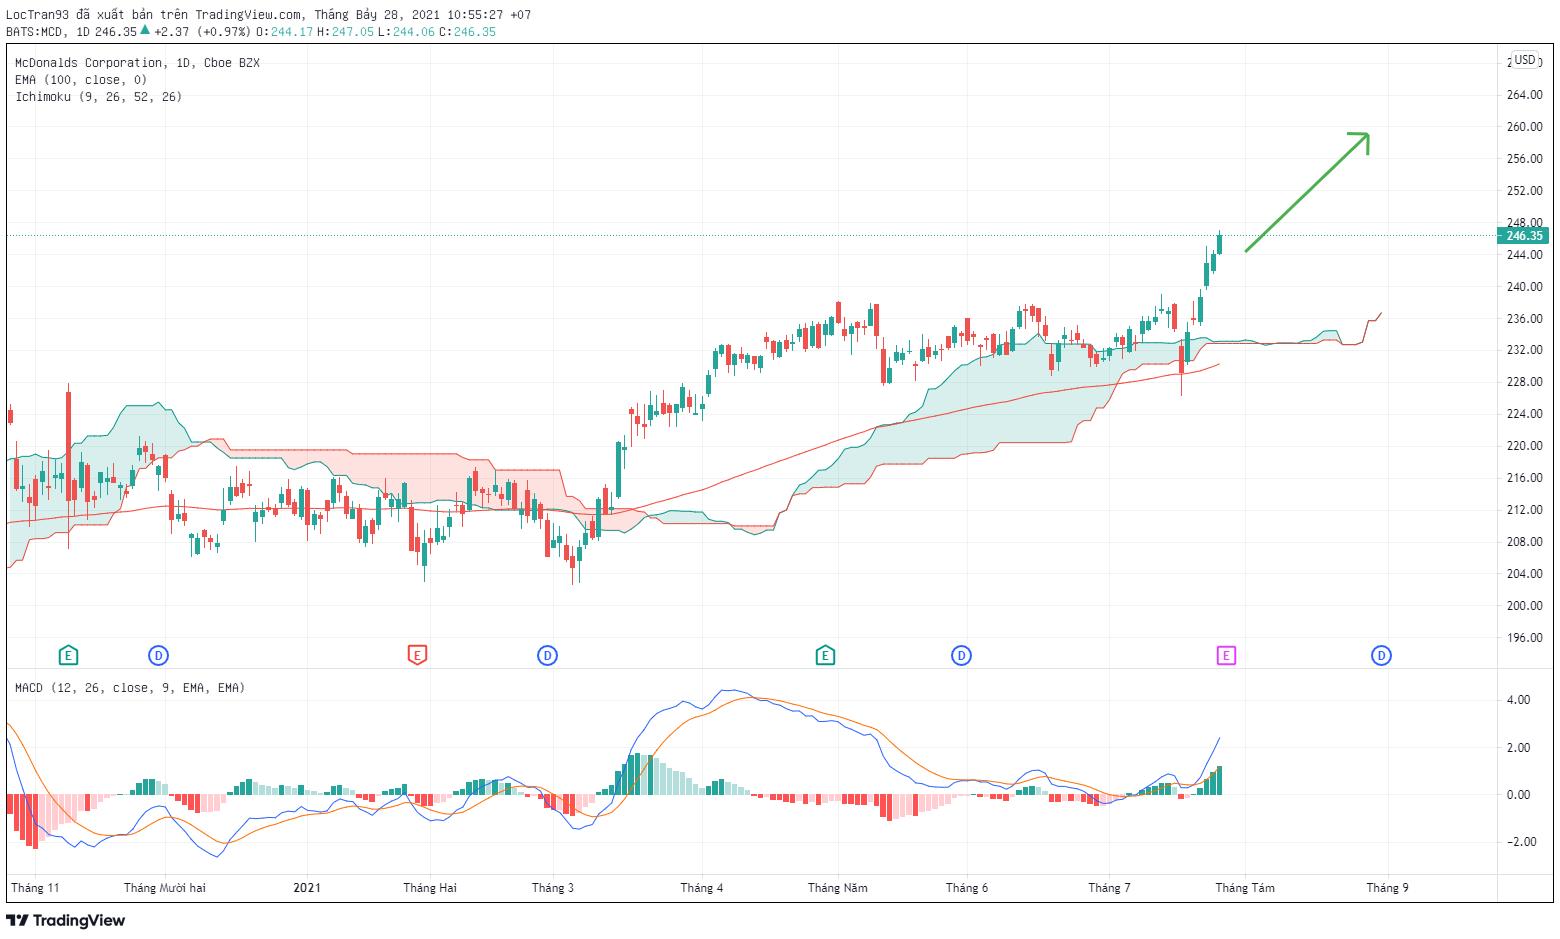 Biểu đồ cổ phiếu McDonald's  khung 1D